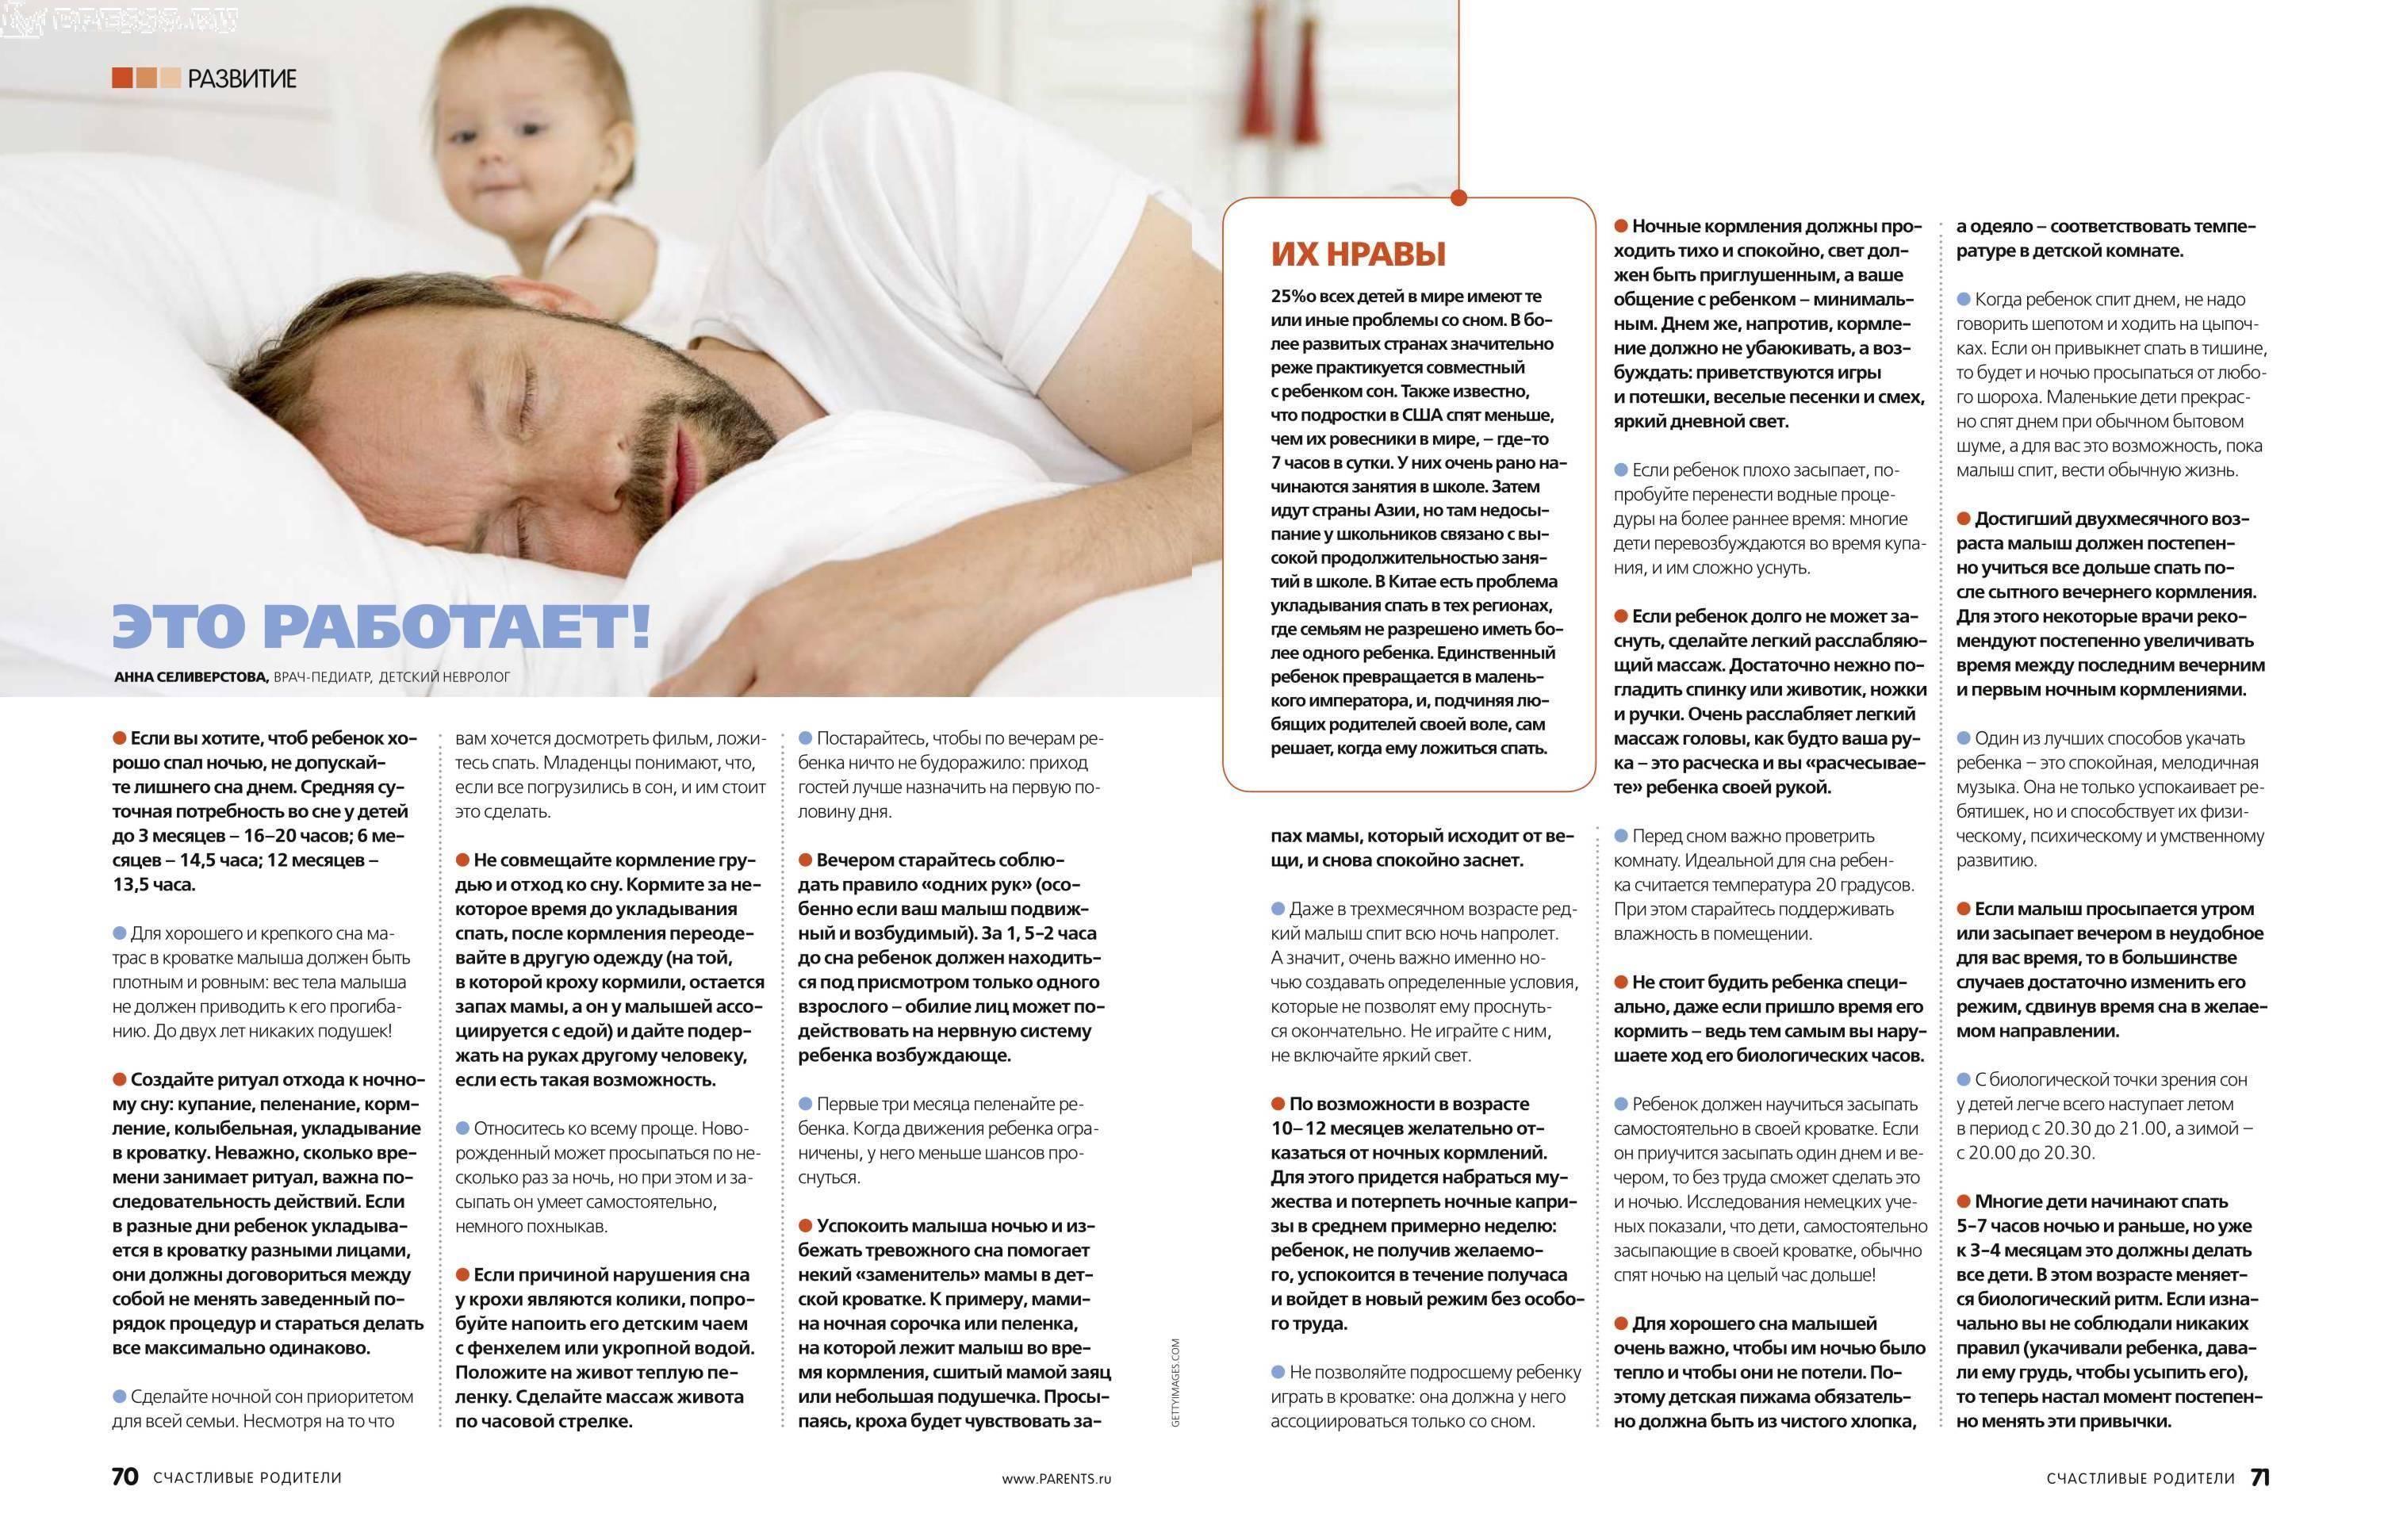 Новорожденный ребенок слишком много спит: стоит ли беспокоиться, каковы нормы сна для младенца?